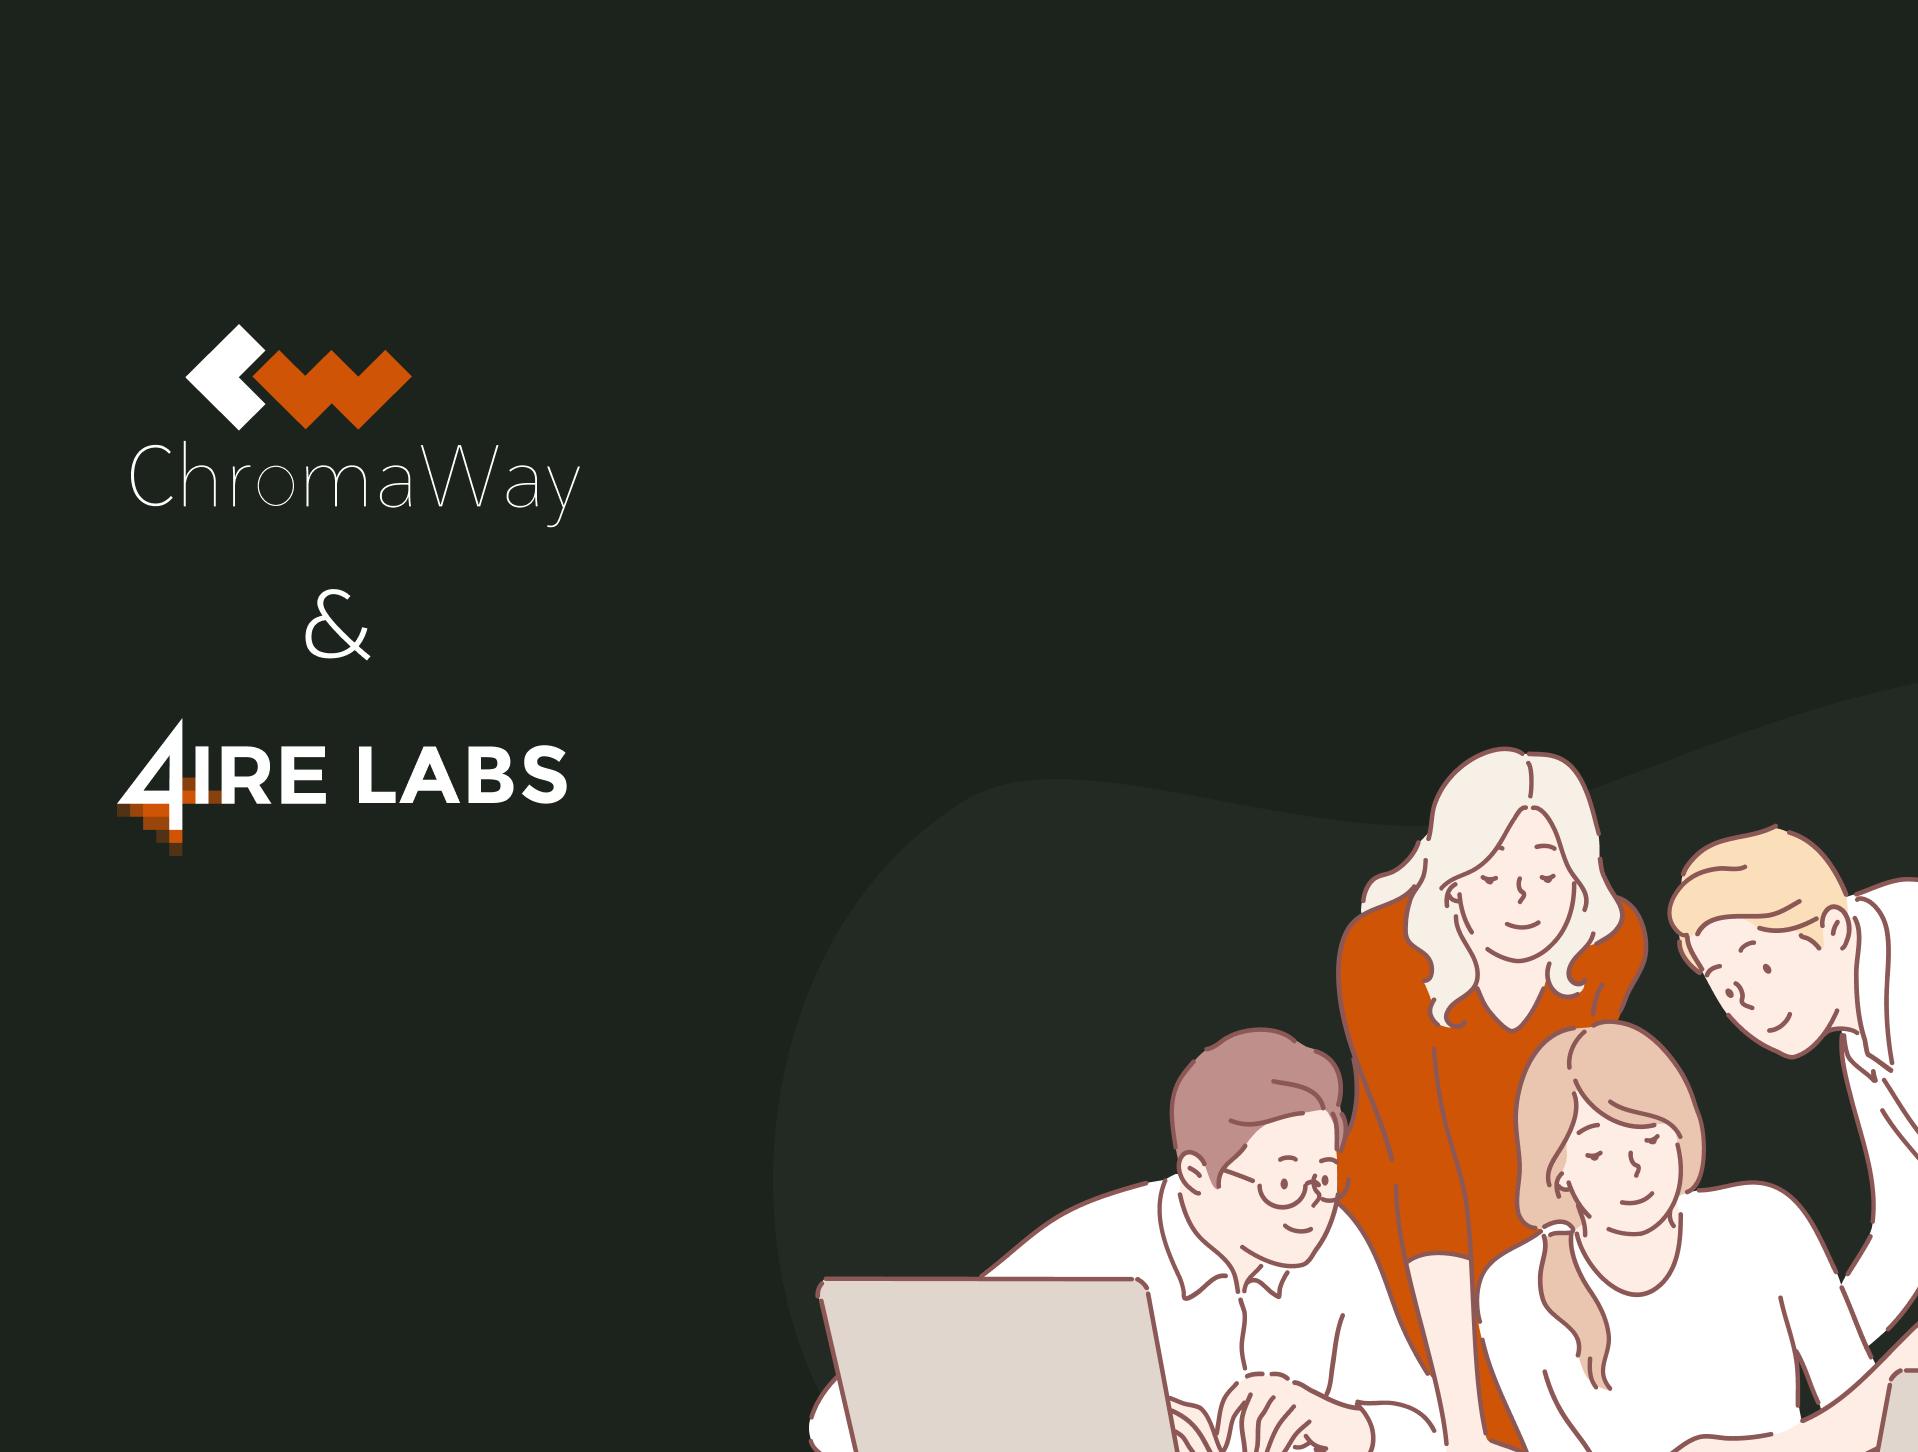 chromaway partnership